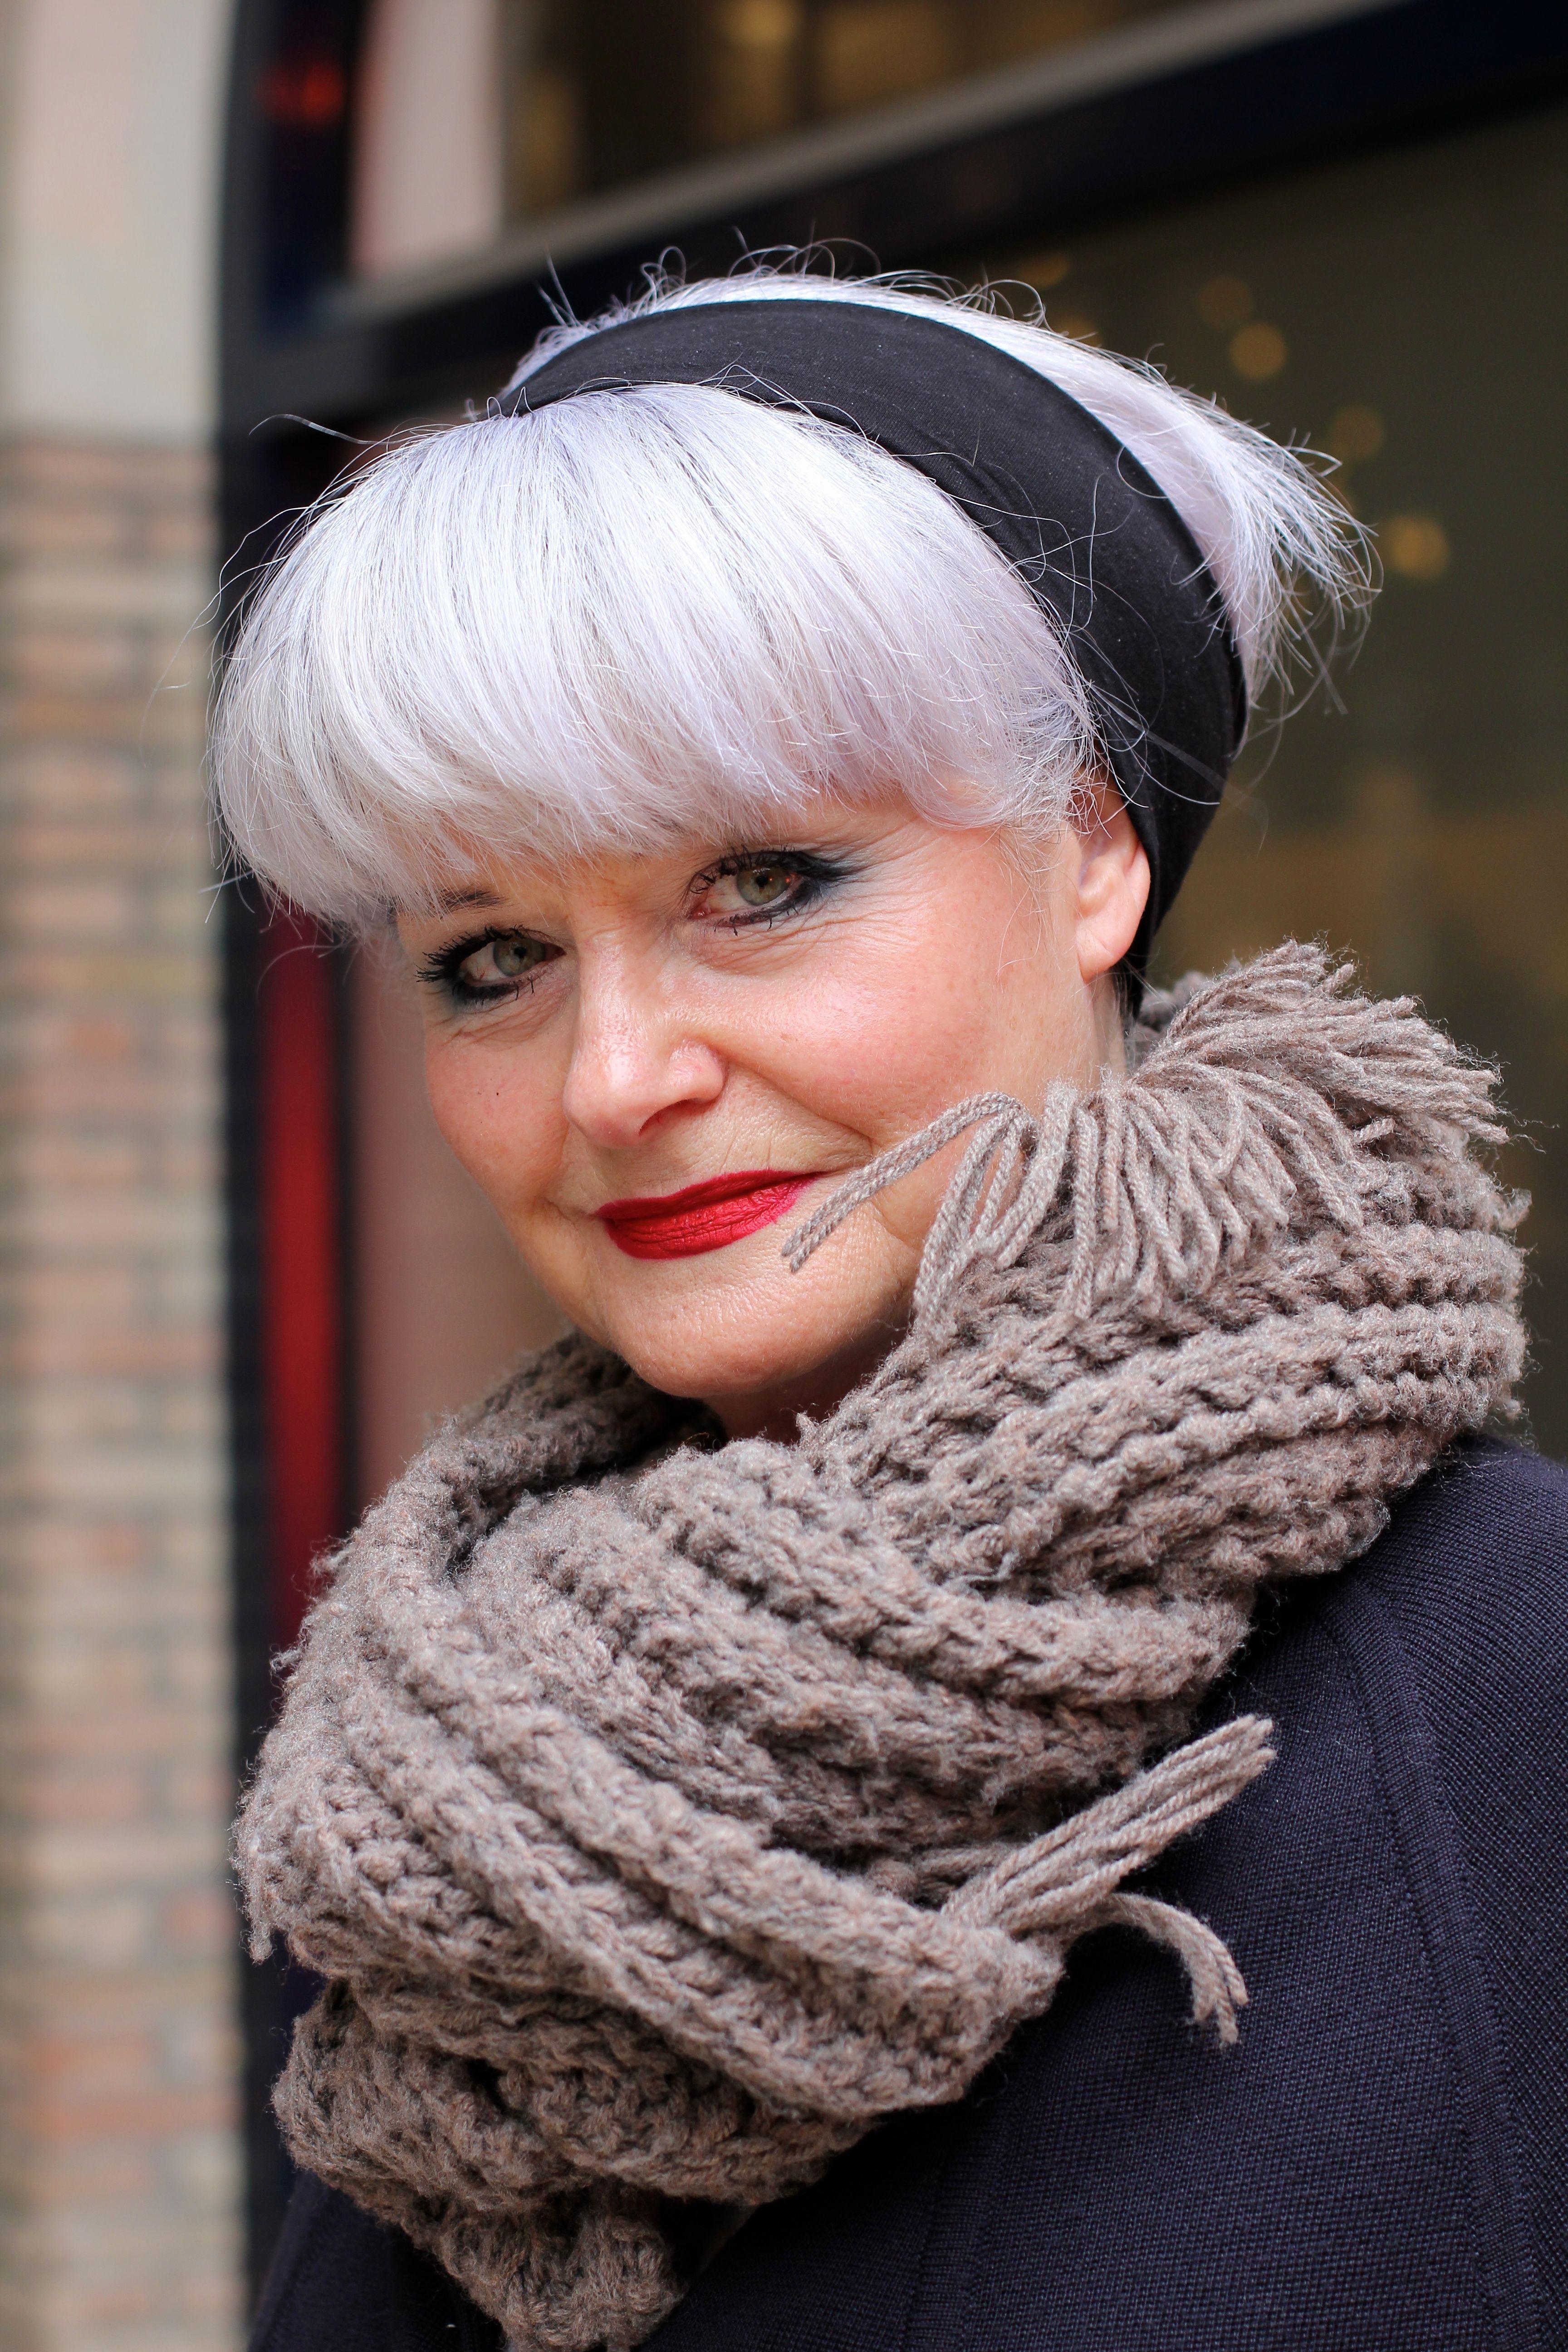 Kies je ook voor grijs haar ?| MisjaB.nl